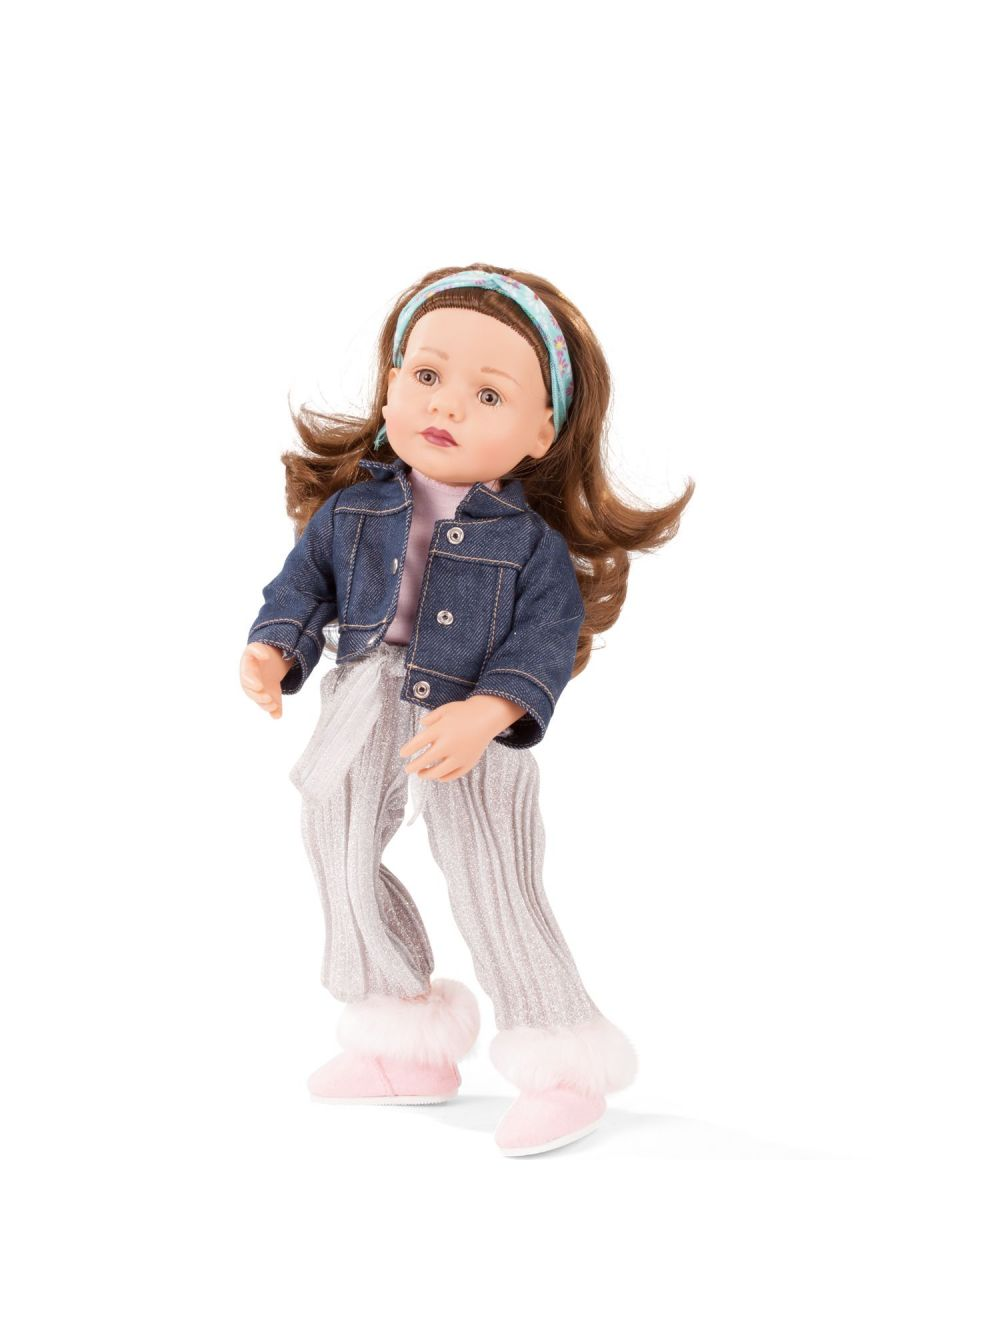 Grete Little Kidz 36 cm Götz MJ